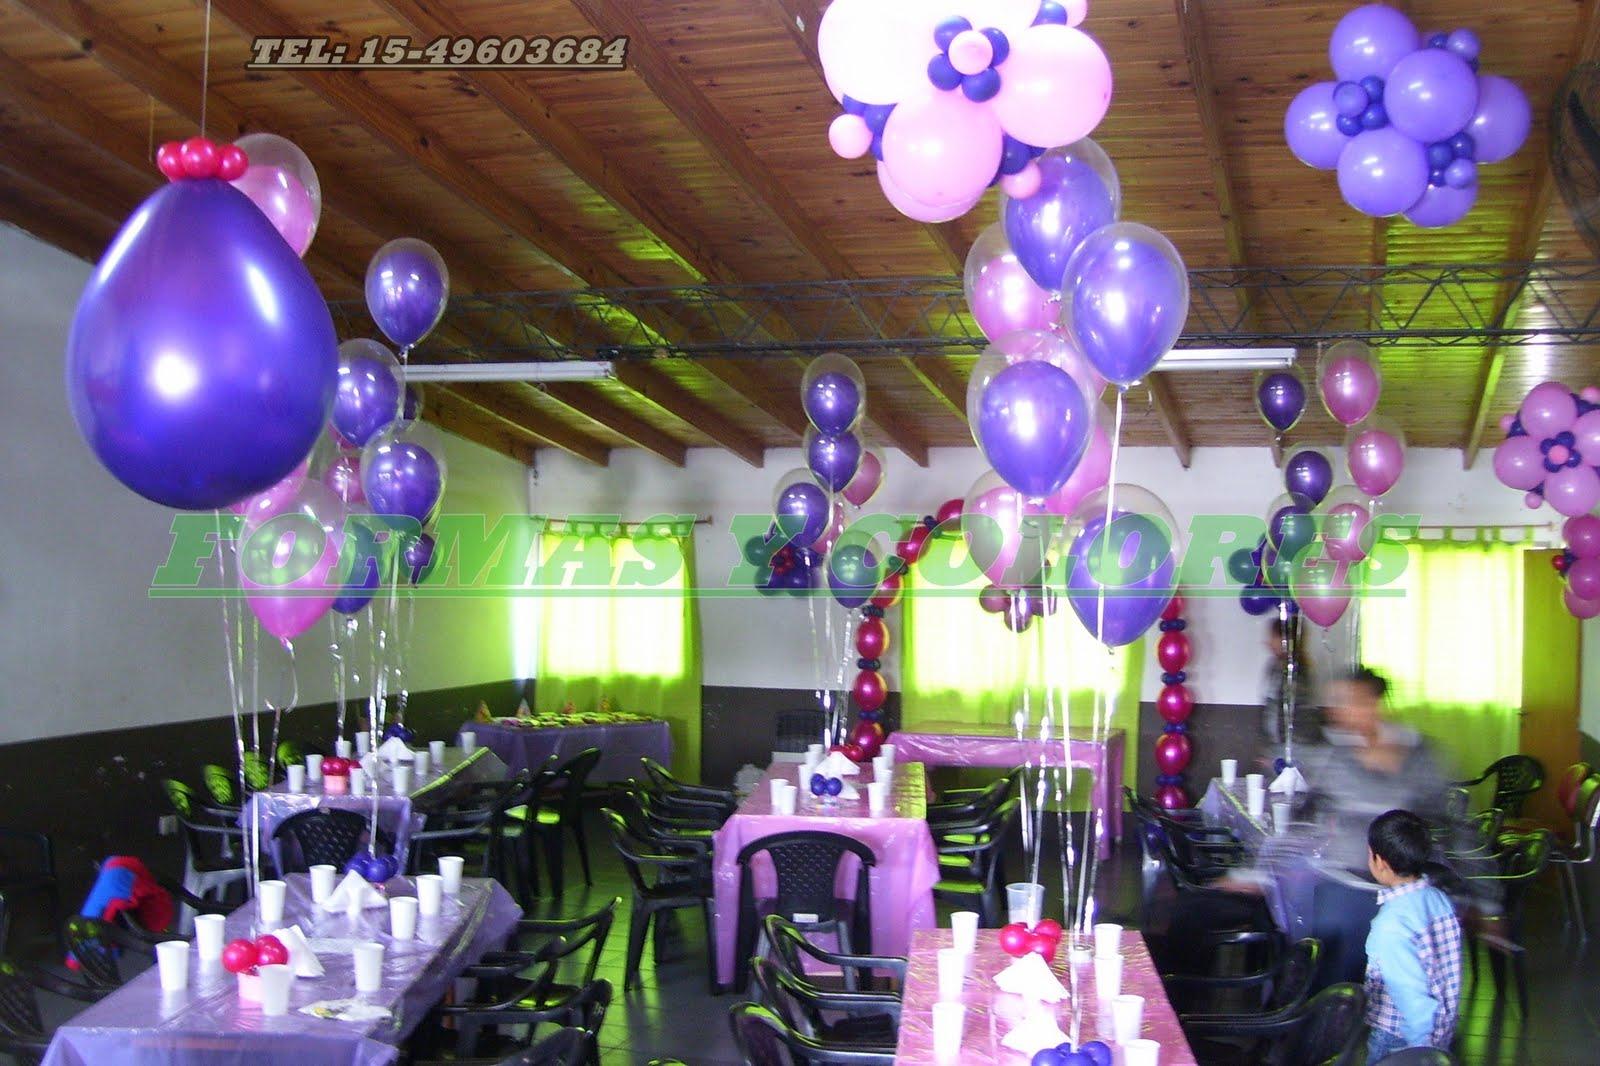 Decoracion con globos pictures - Decorar con globos ...